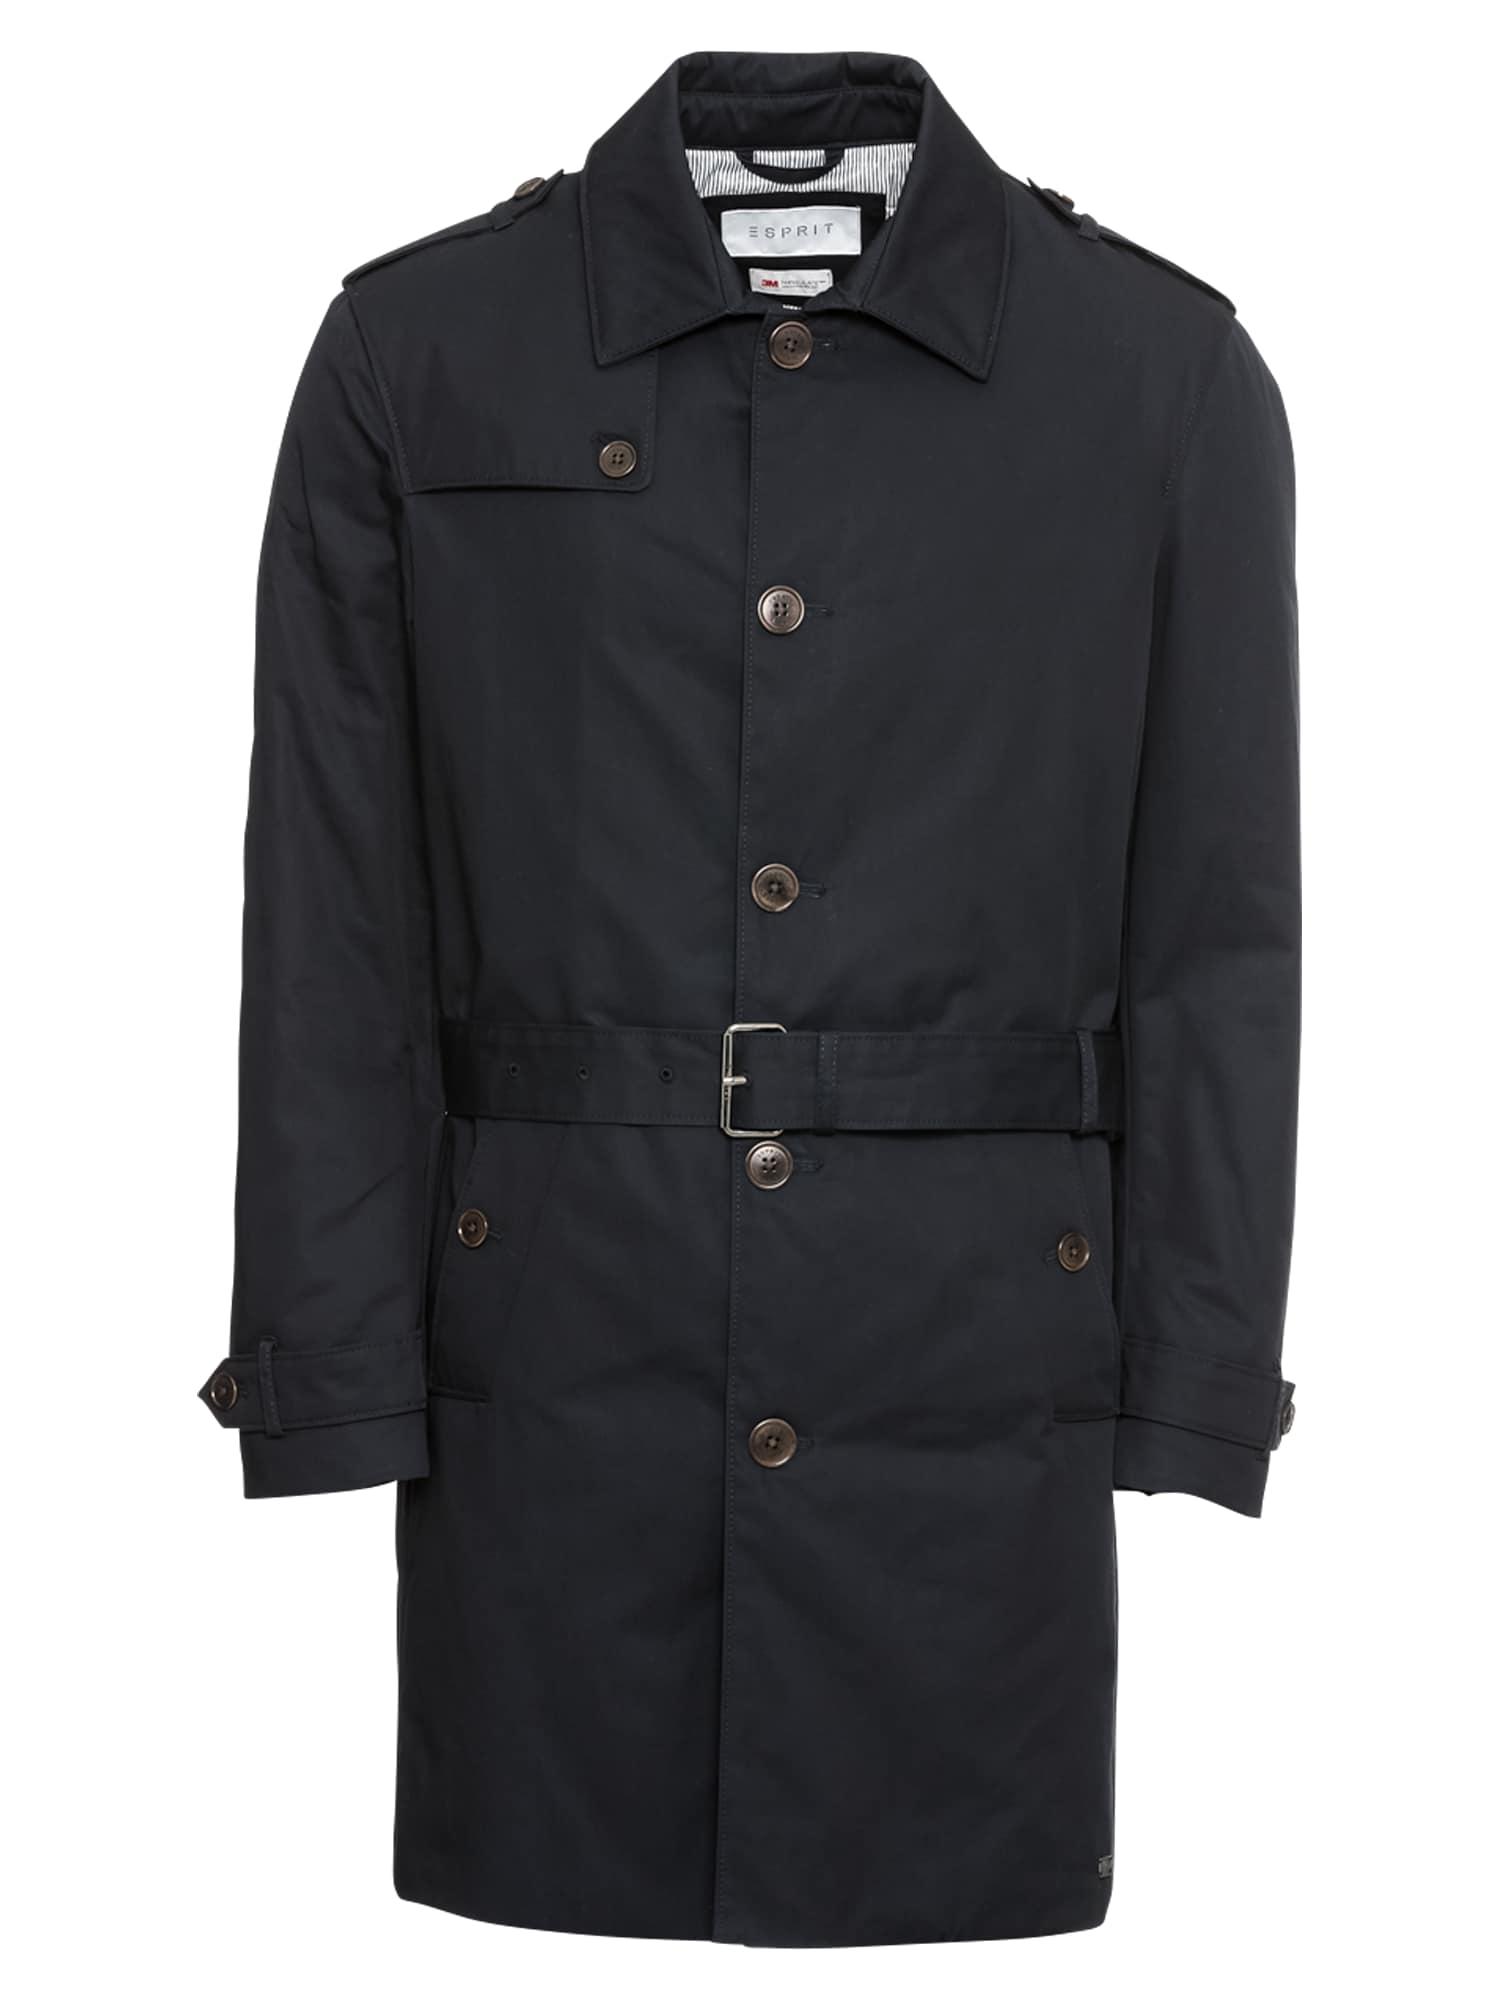 Přechodný kabát F co twll trnch námořnická modř Esprit Collection